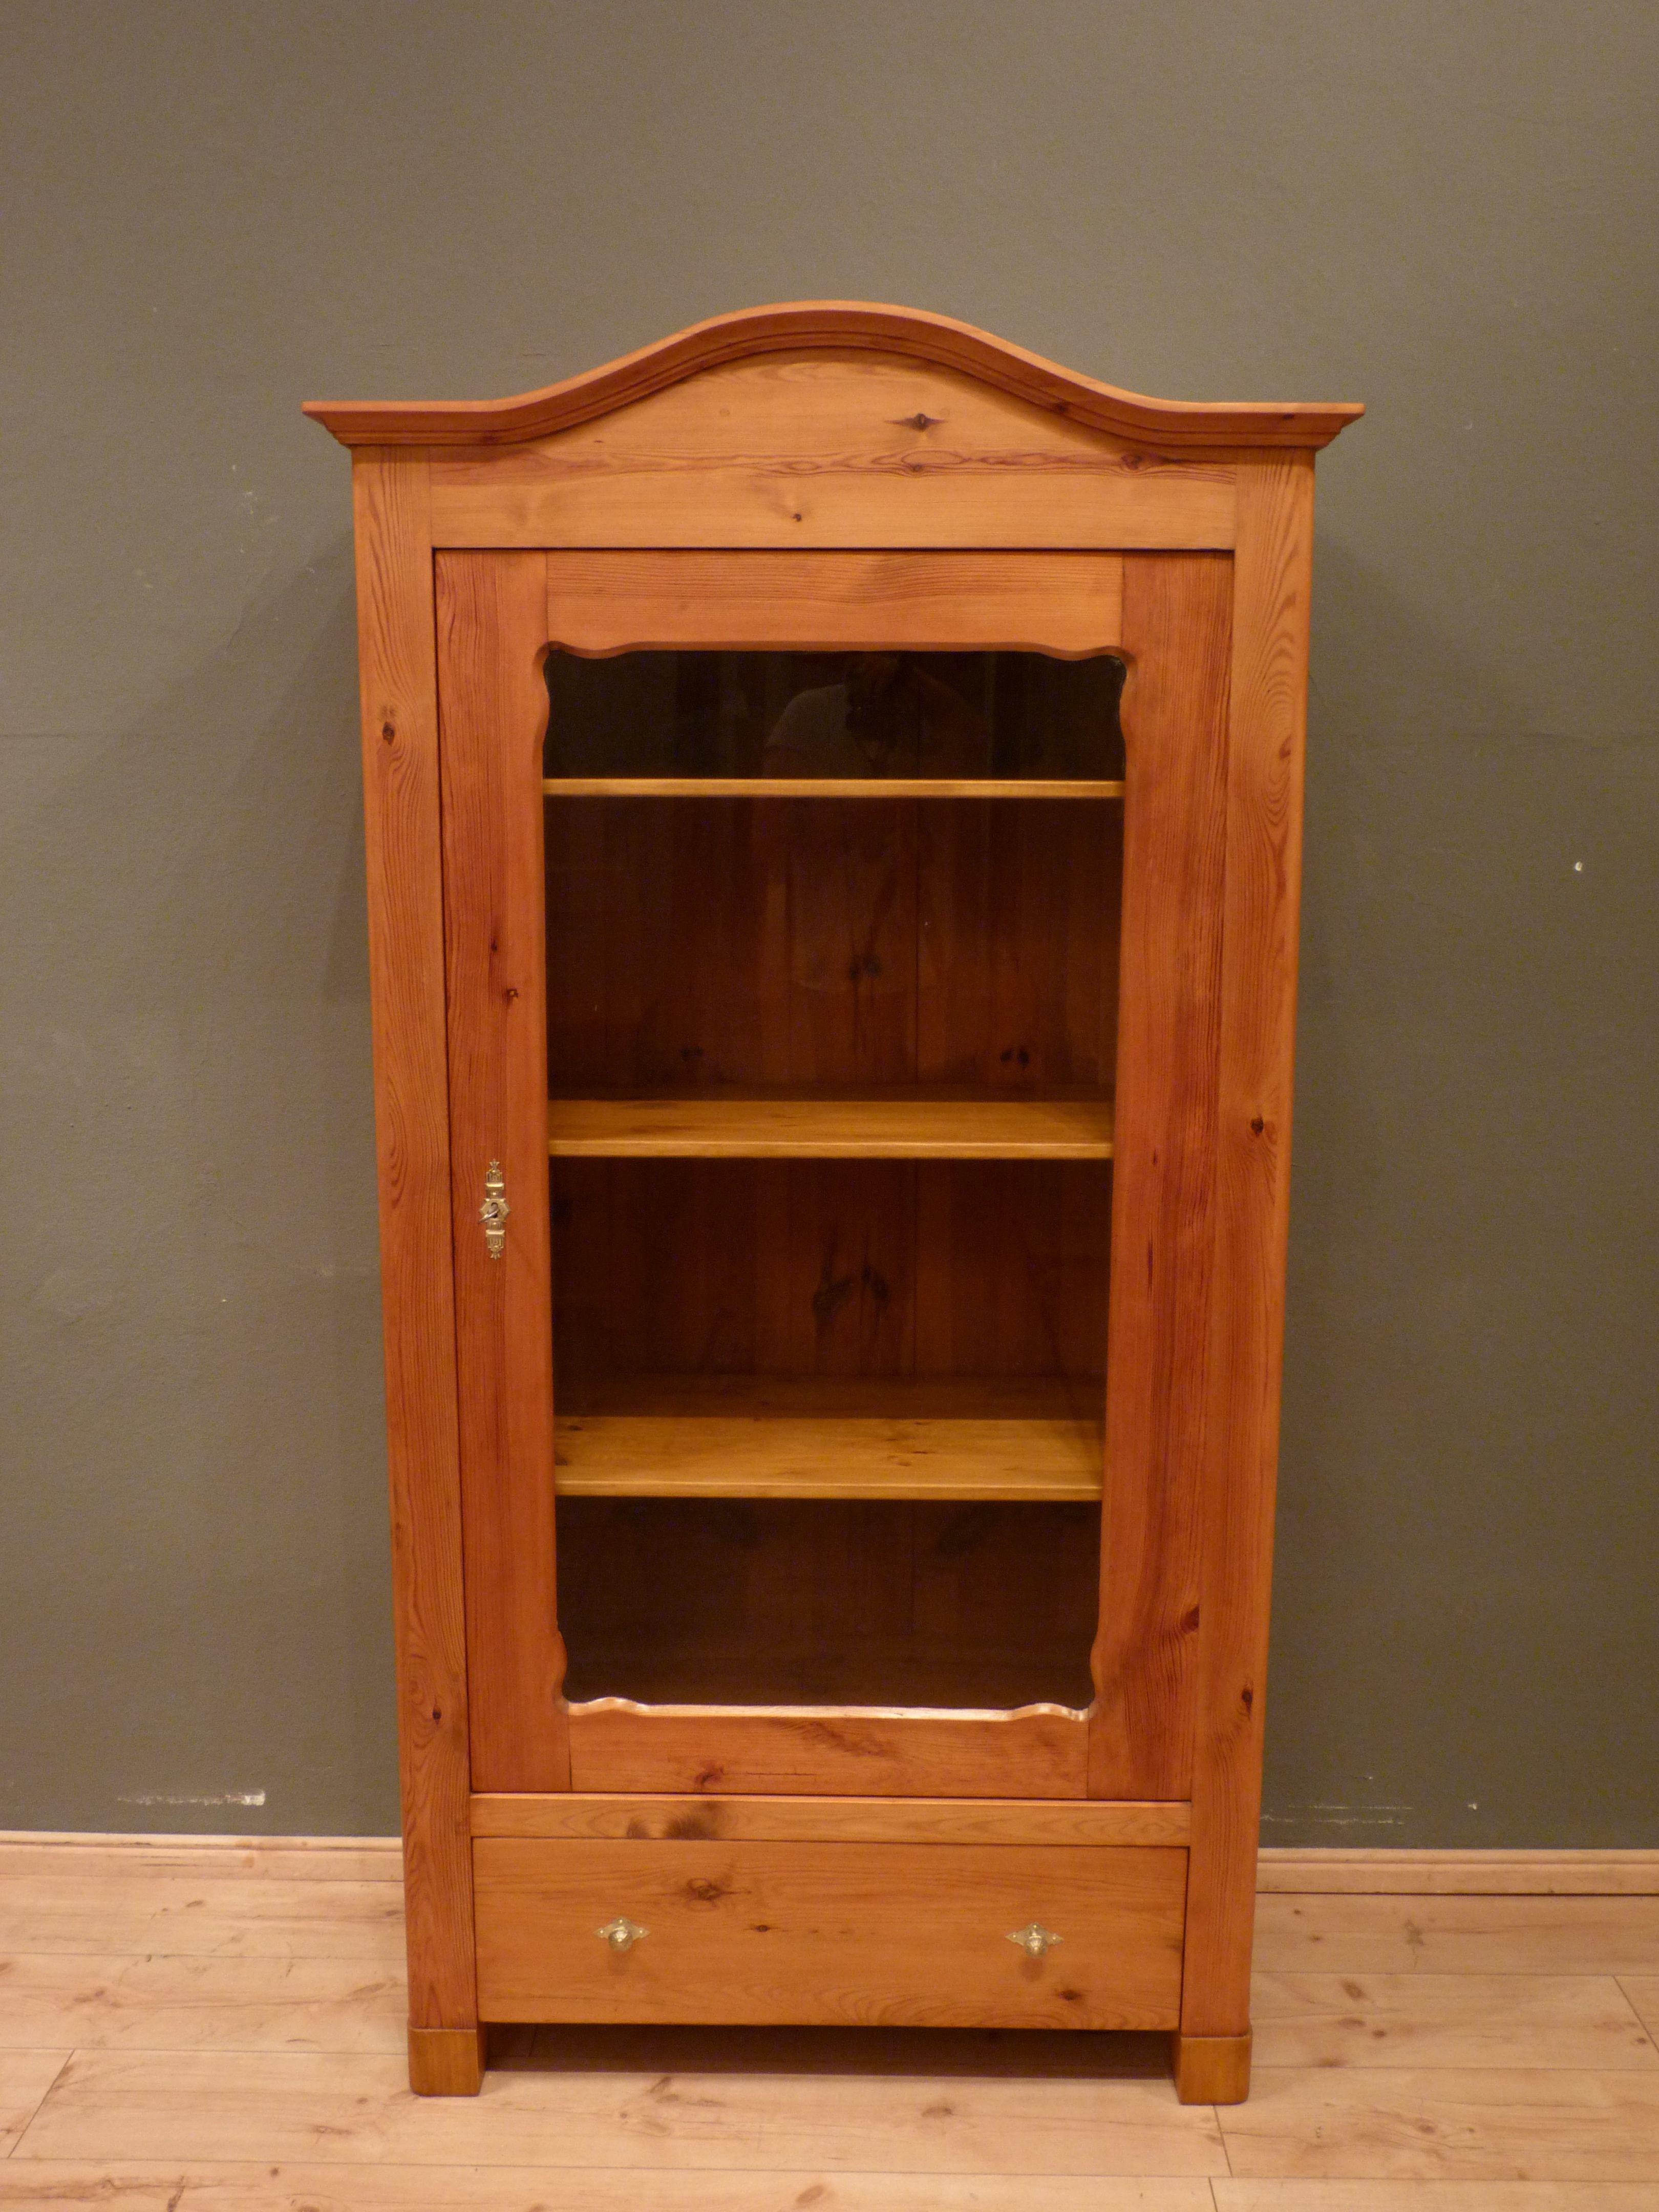 jugendstil b cher oder geschirrschrank fichte um 1900. Black Bedroom Furniture Sets. Home Design Ideas